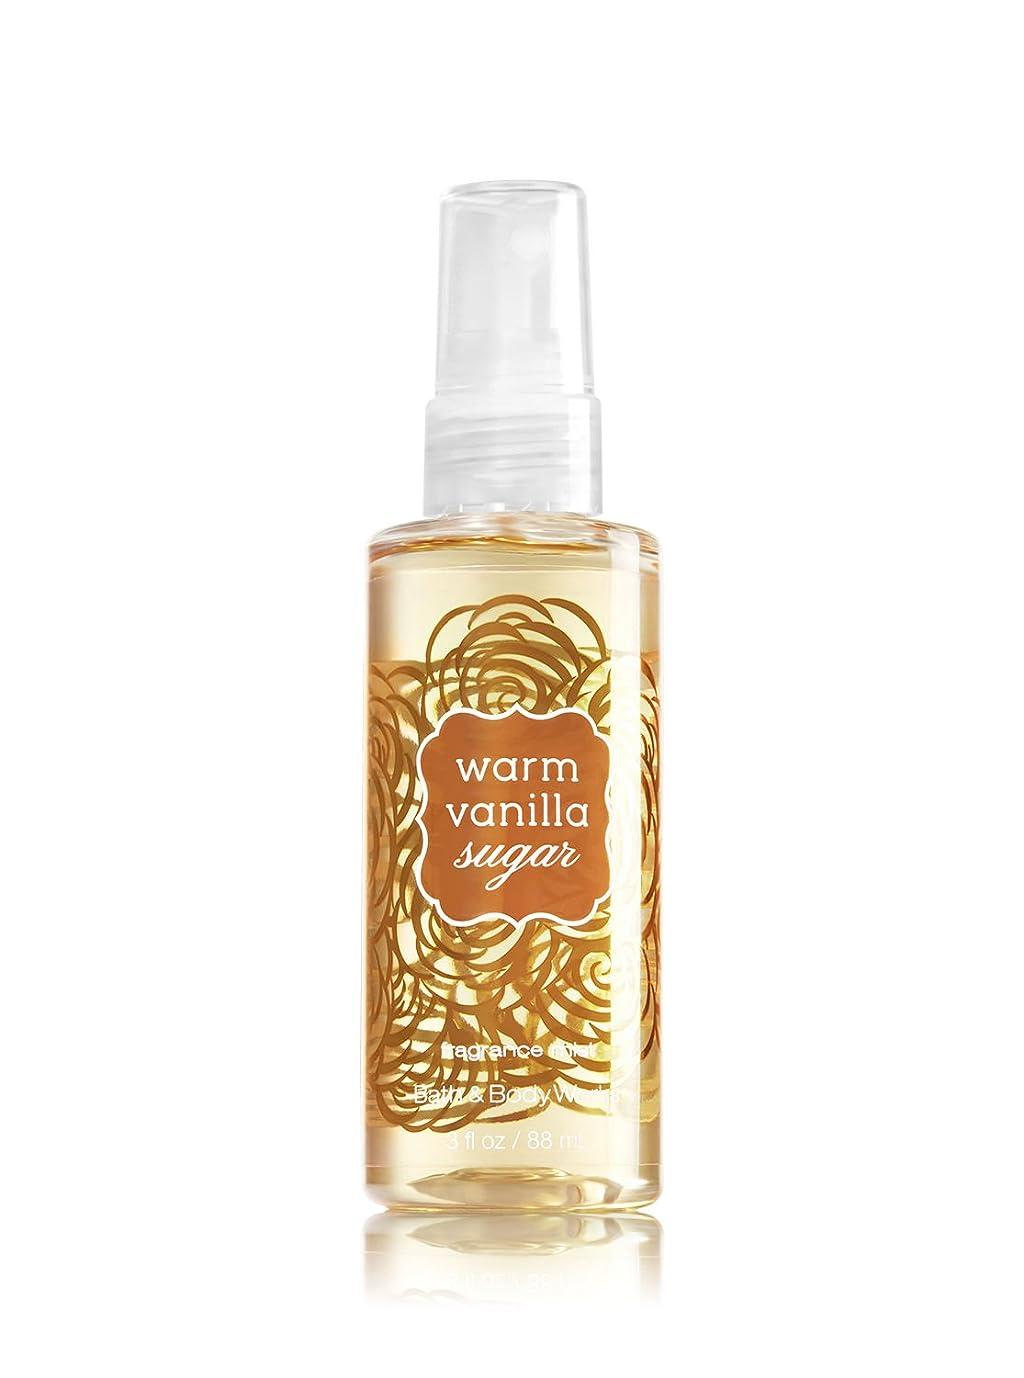 遮る顔料カートバス&ボディワークス ウォームバニラシュガー ファイン フレグランスミスト トラベルサイズ Warm Vanilla Sugar Fine Fragrance Mist Travel-Size[並行輸入品]